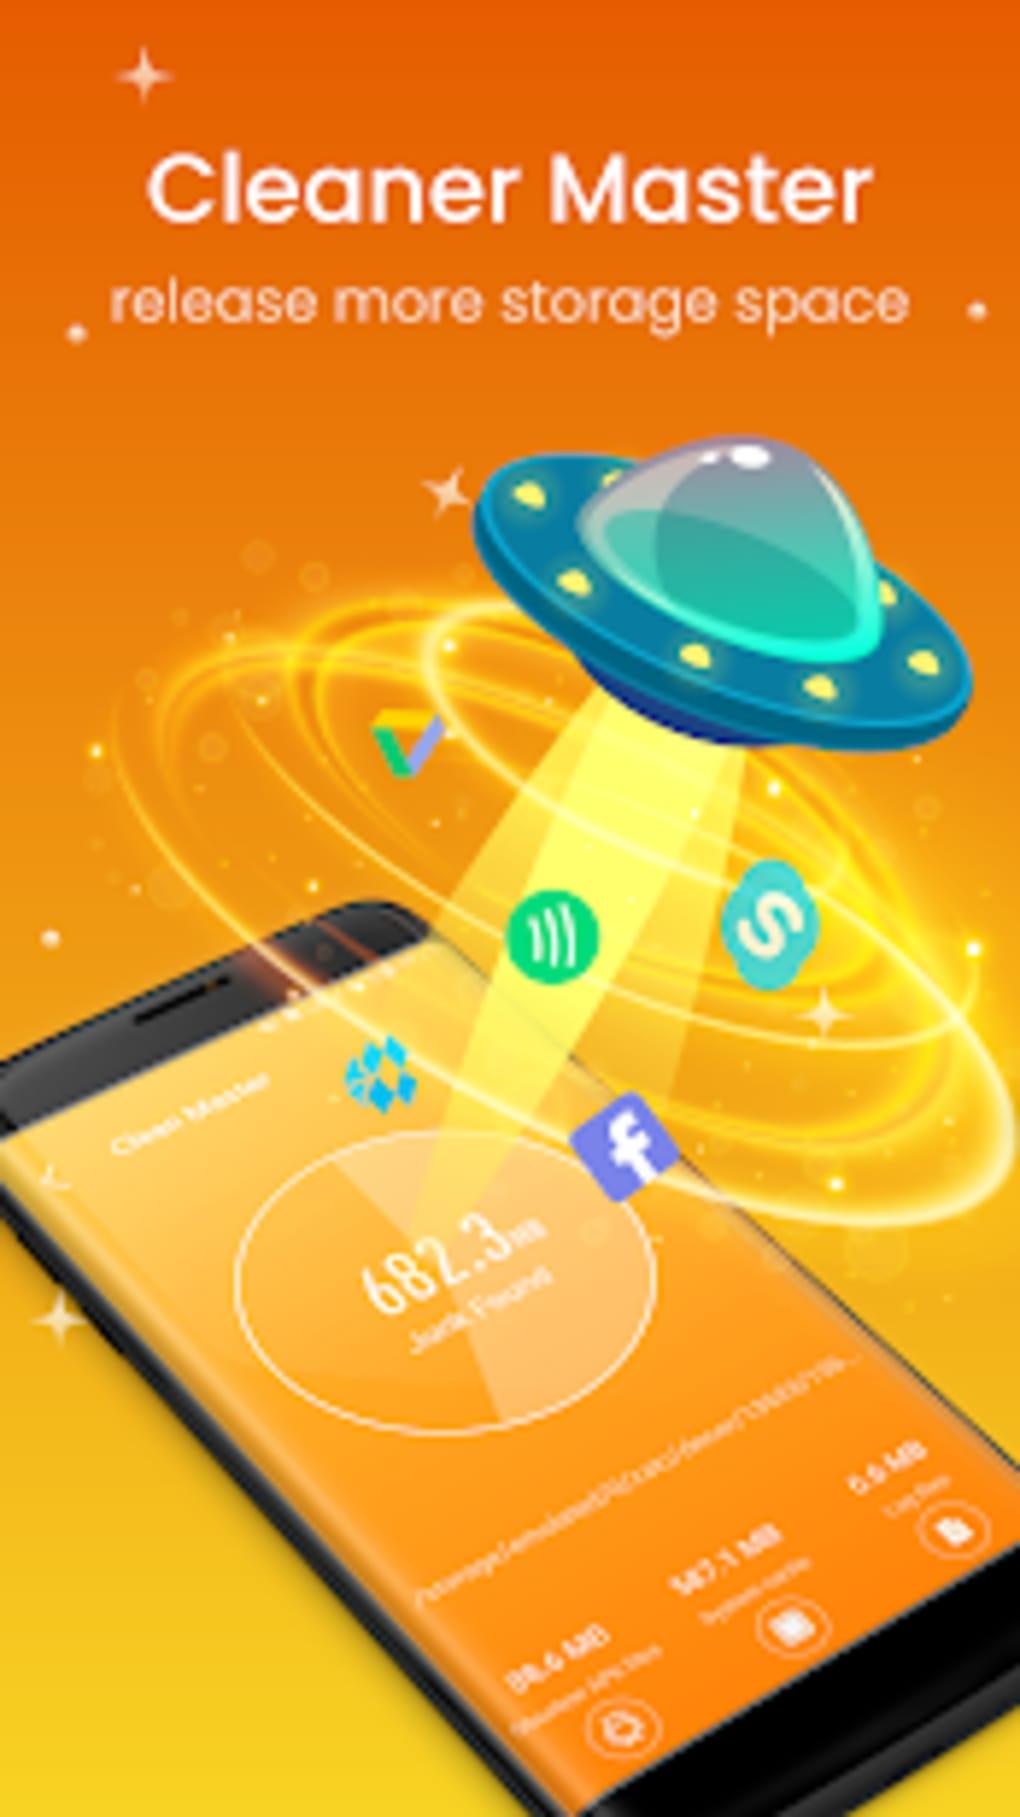 AppLock - fingerprint lock phone cleaner APK for Android